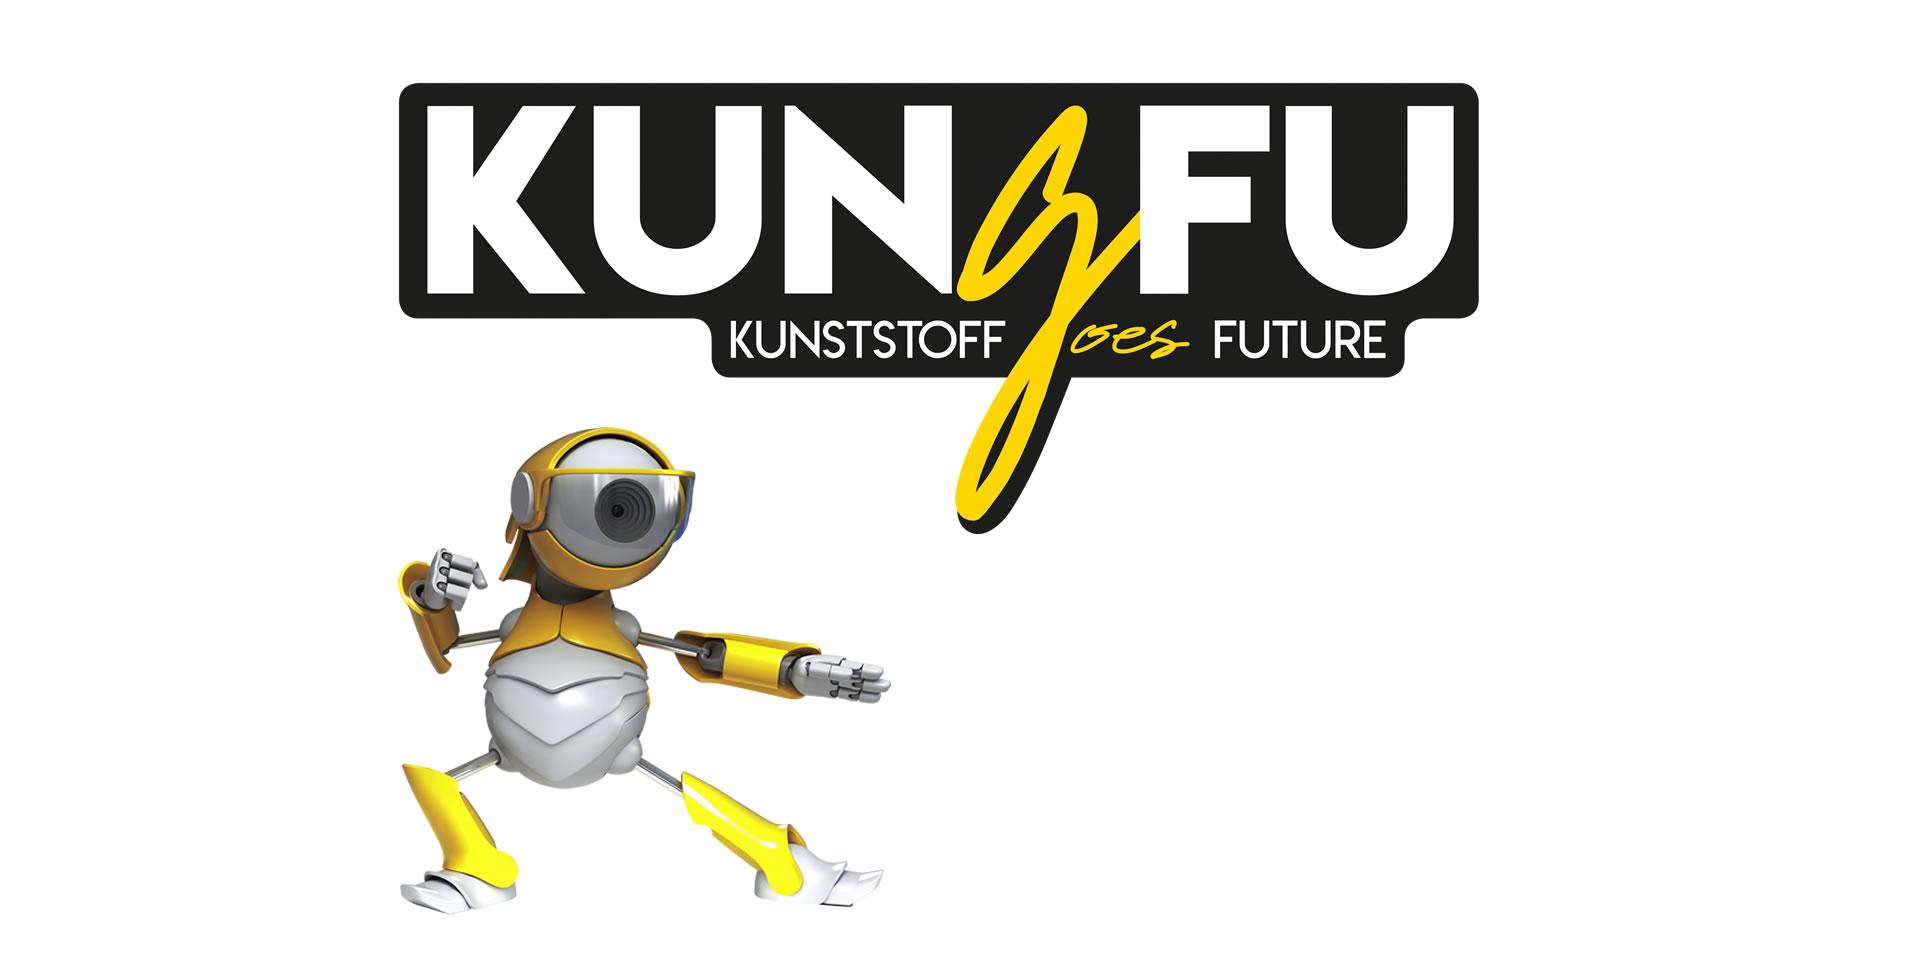 KungFu - Kunststoff goes Future